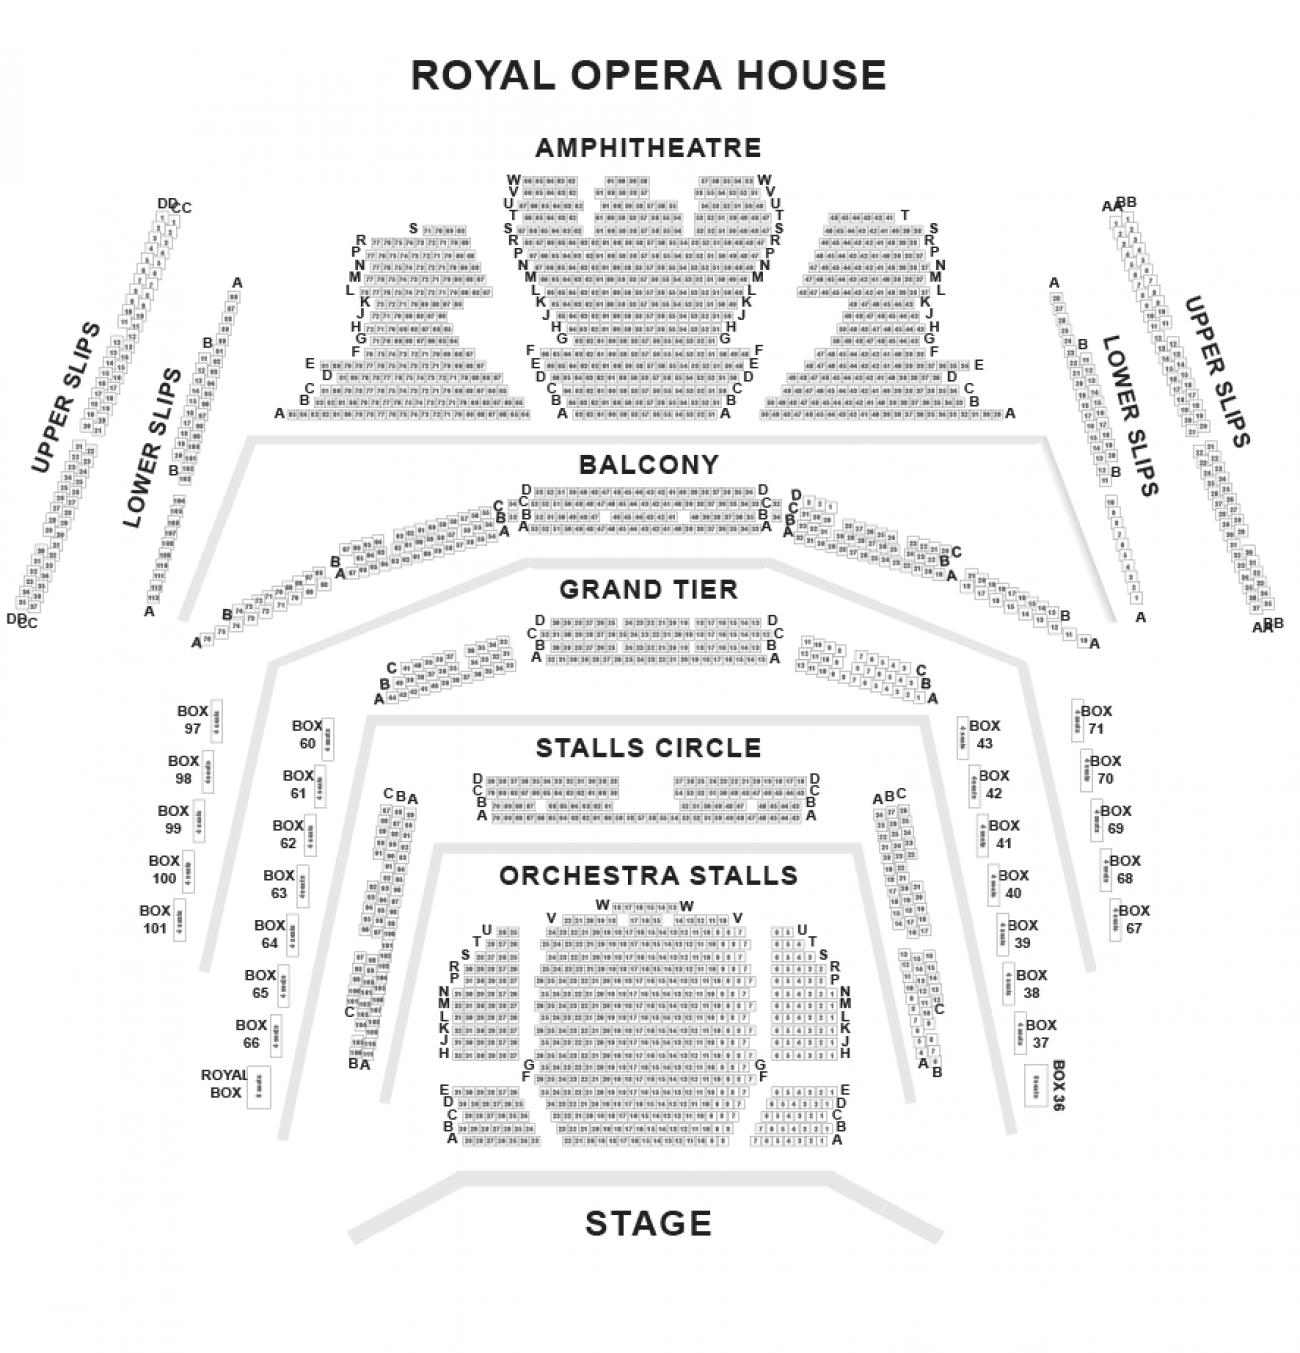 Royal Opera House seteplan